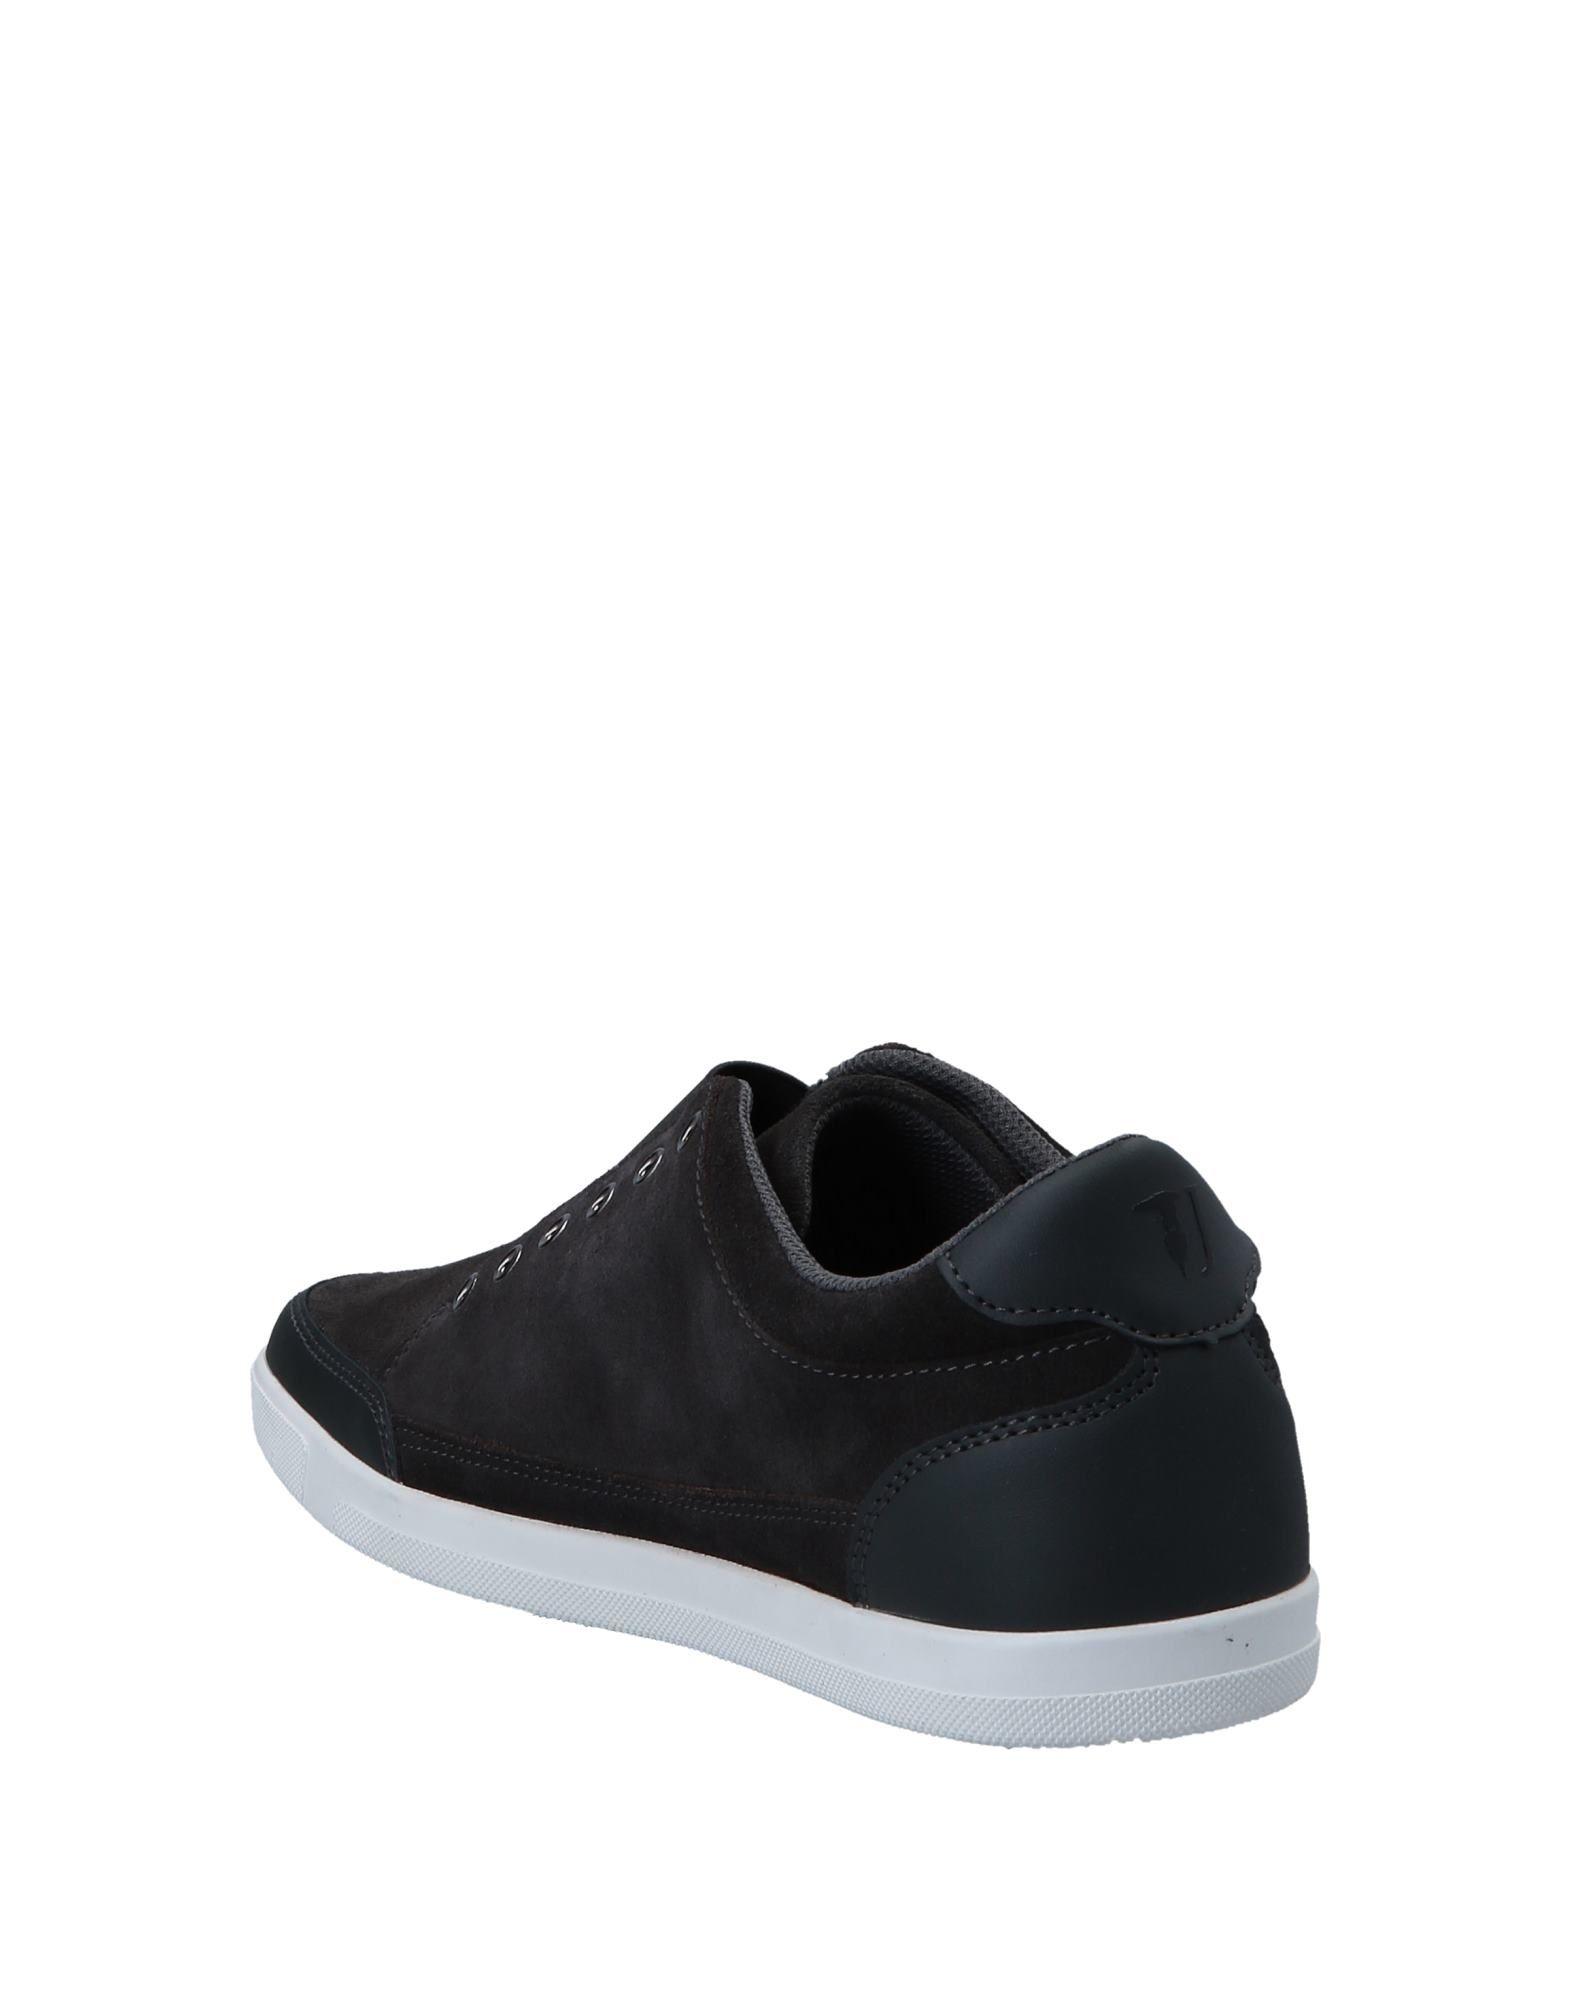 Rabatt echte Schuhe Trussardi Jeans Sneakers Herren  11546062TG